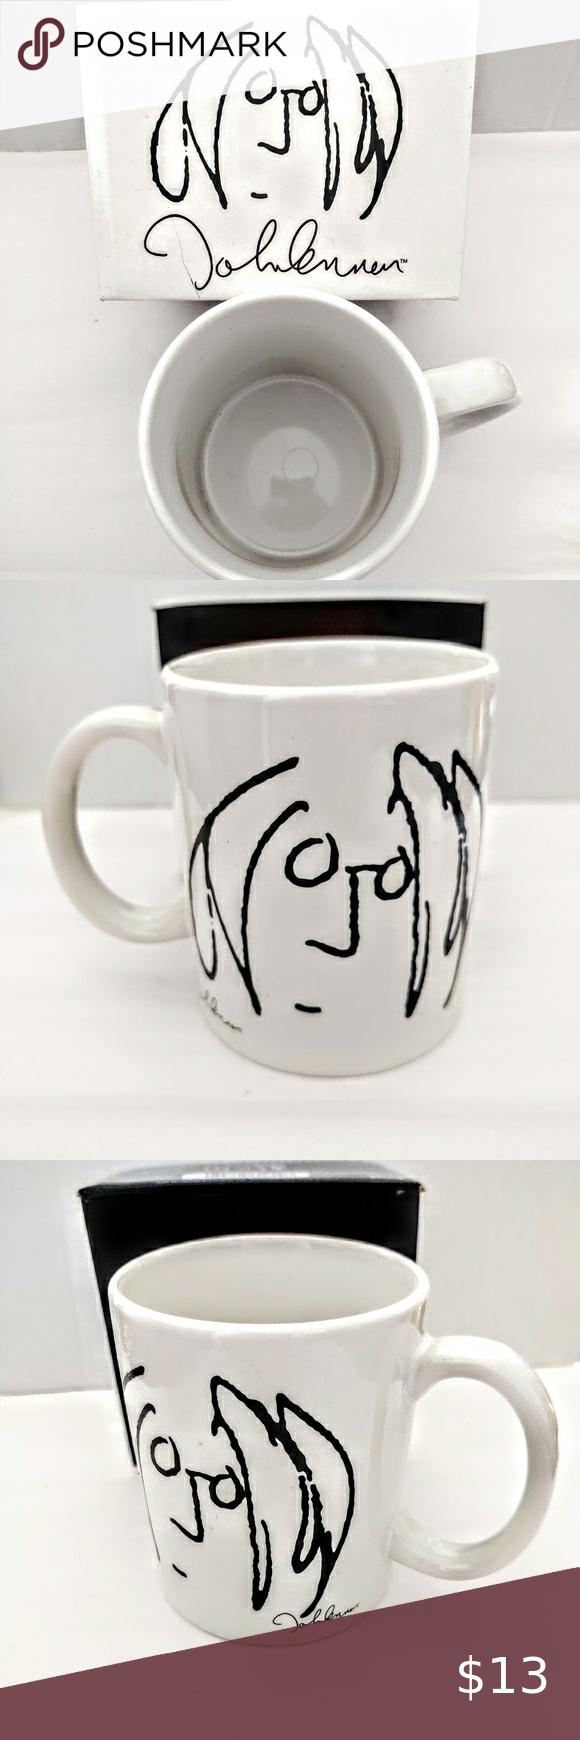 Beatles John Lennon Signed Mug Nib John Lennon Beatles Beatles John John Lennon